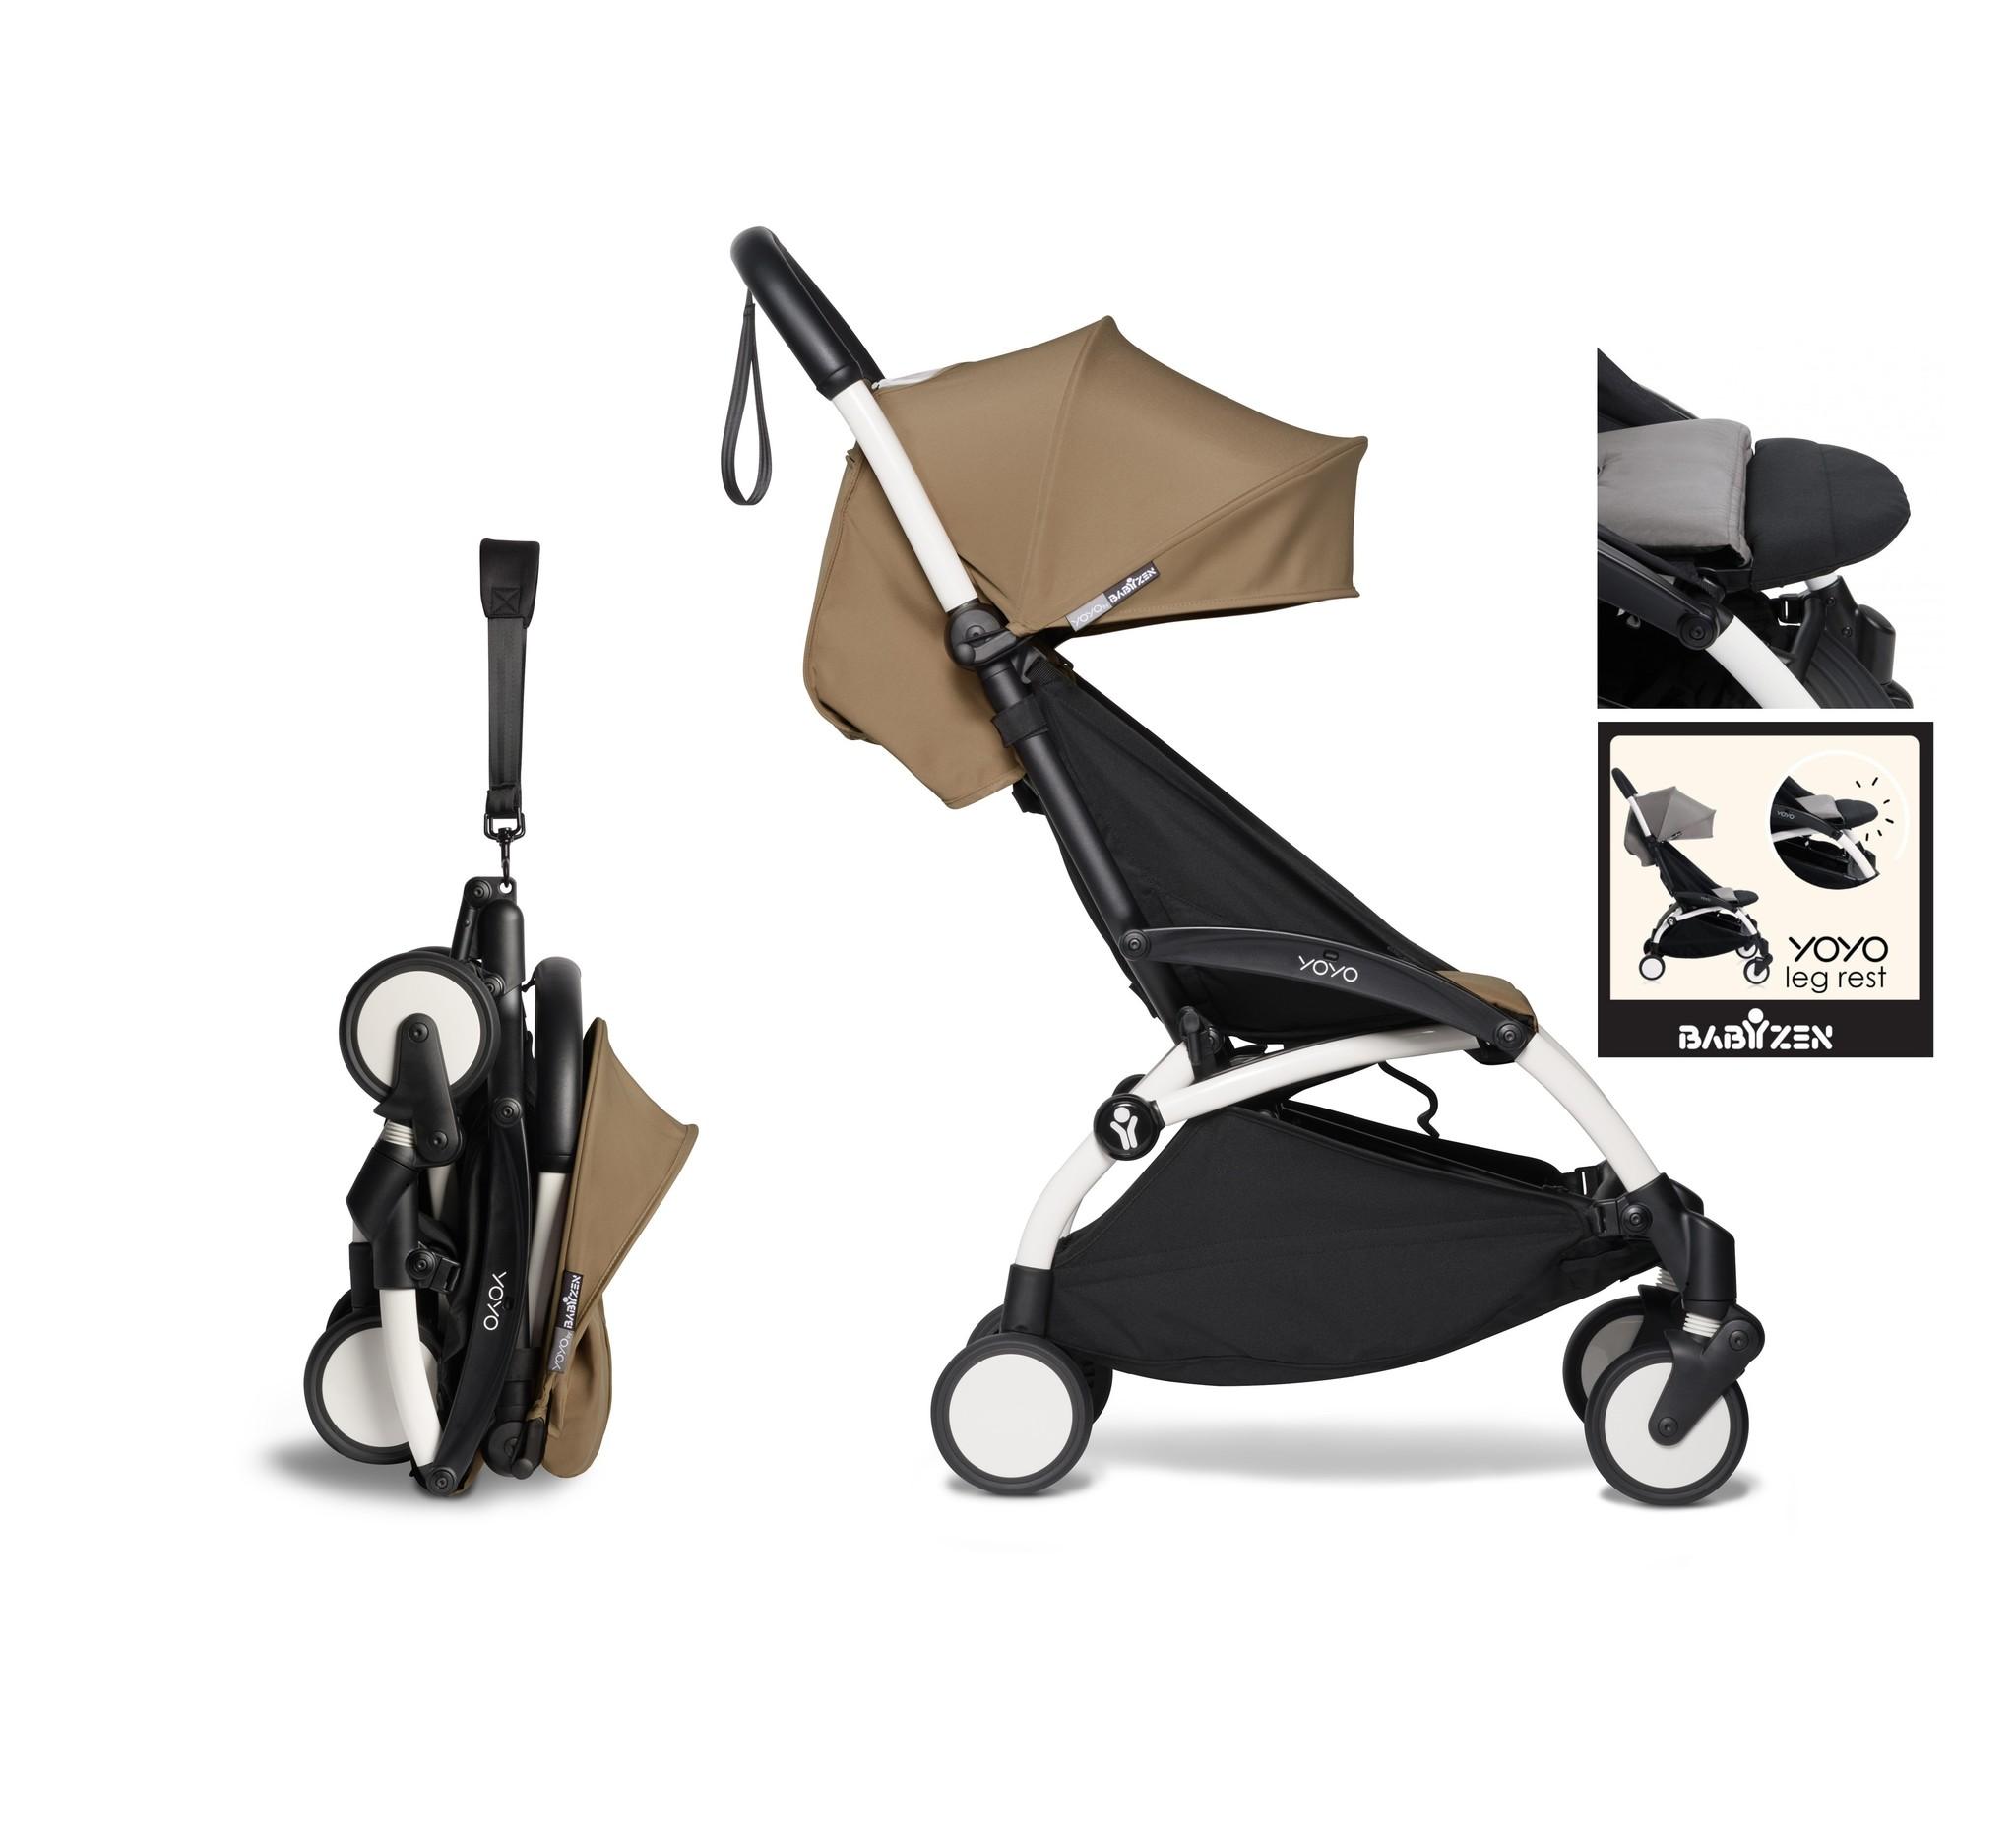 Babyzen Babyzen YOYO² buggy vanaf 6 maanden inclusief beensteun -  toffee met frame wit